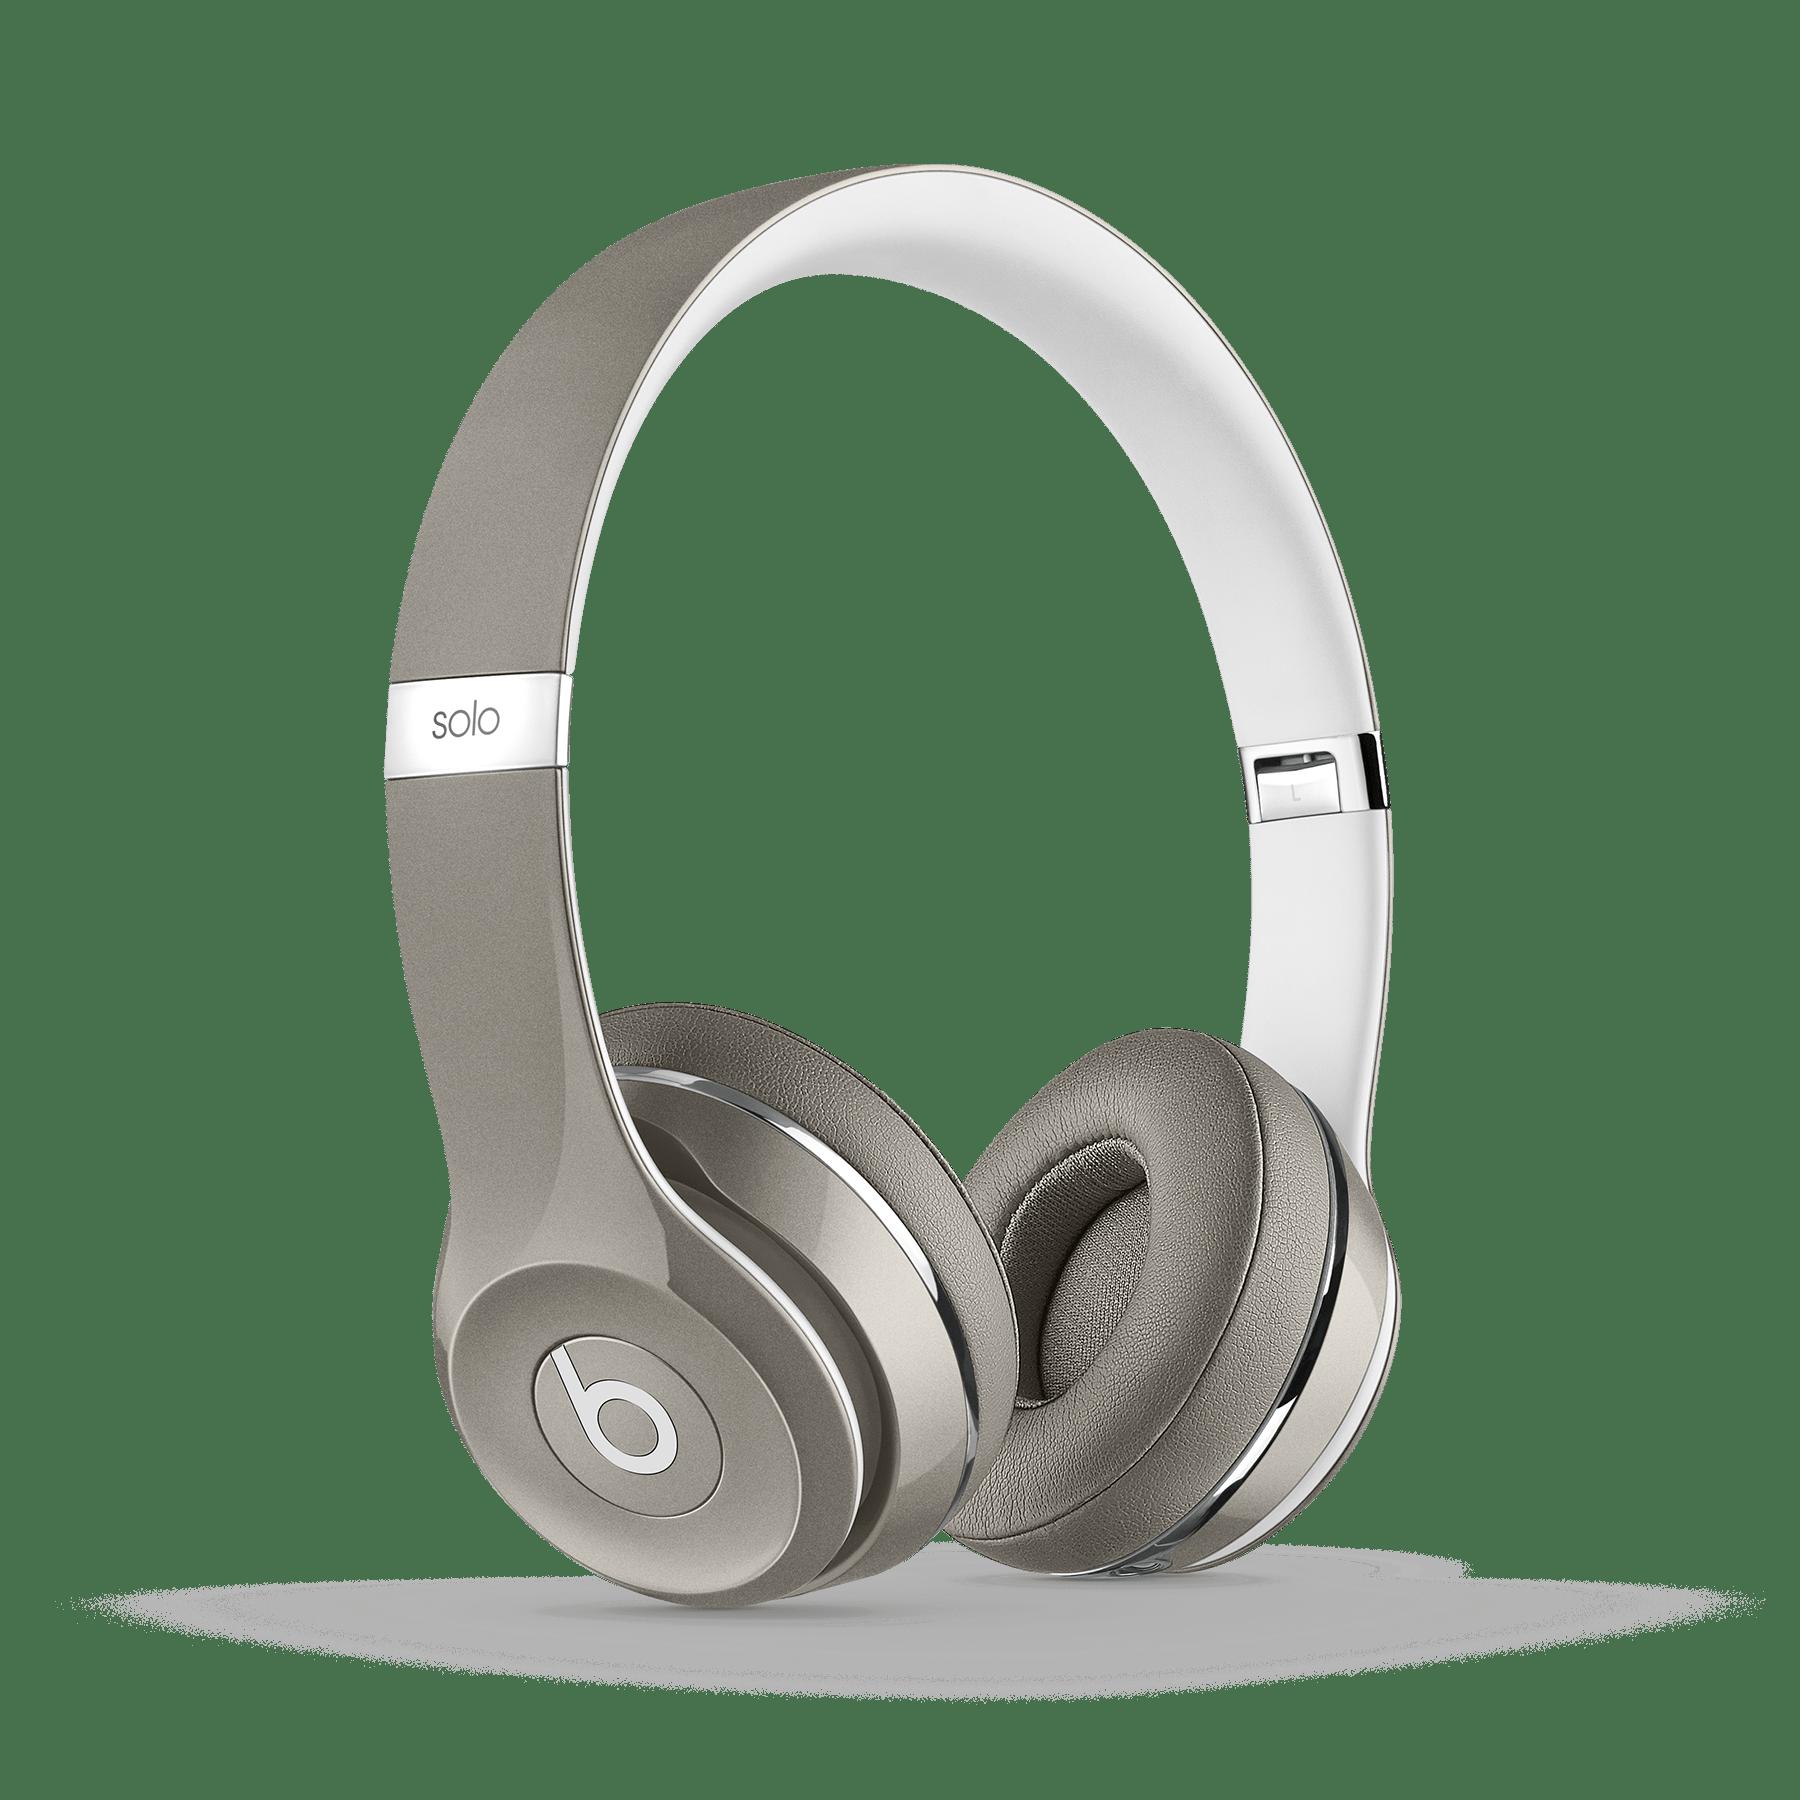 c3904075cca Beats Solo2 On-Ear Headphones - Beats by Dre